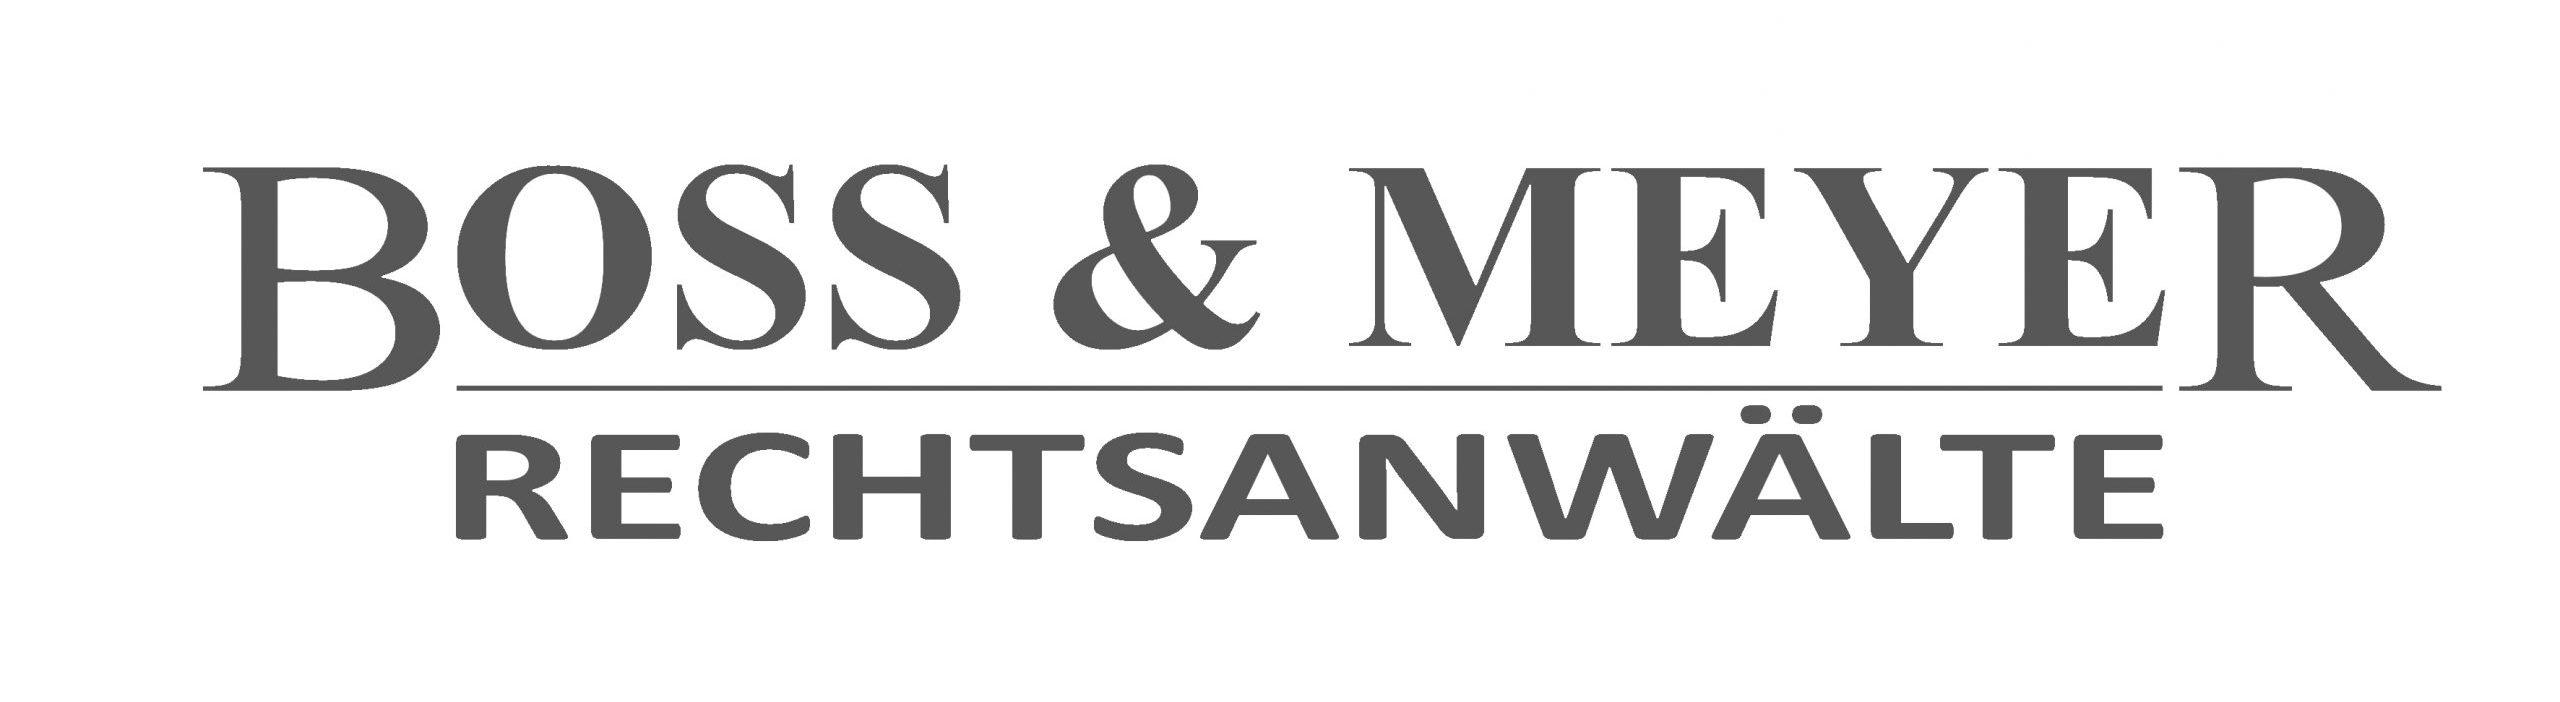 Boss & Meyer Rechtsanwälte in Bielefeld und Enger